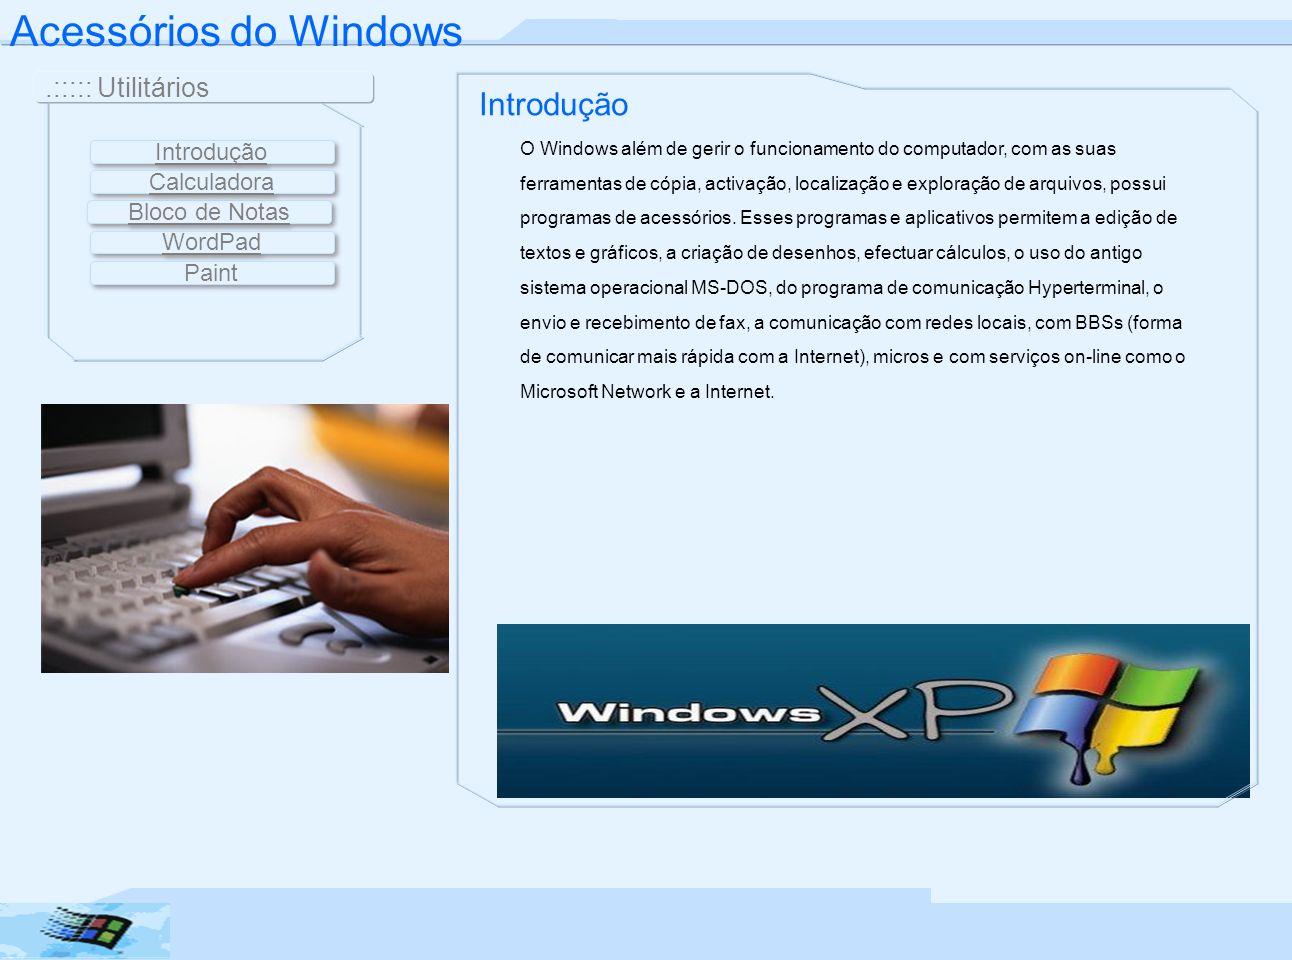 Acessórios do Windows.::::: Utilitários Paint O Paint é uma ferramenta de desenho que pode utilizar para criar desenhos simples ou elaborados.